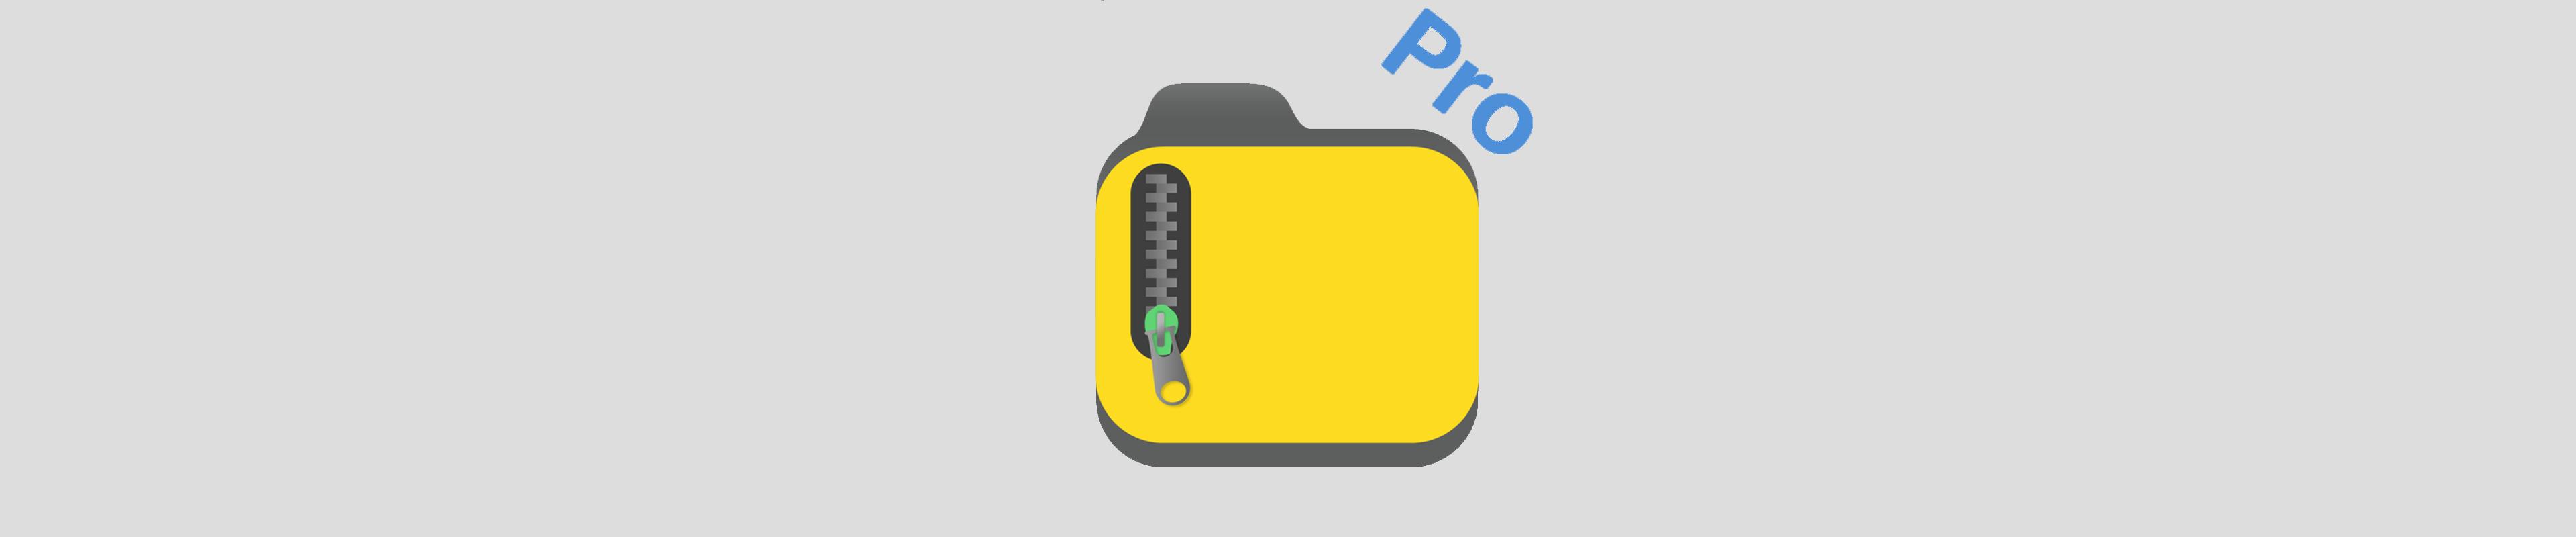 [已购]iZip专业版 – Zip Rar 压缩、解压缩工具-草蜢资源